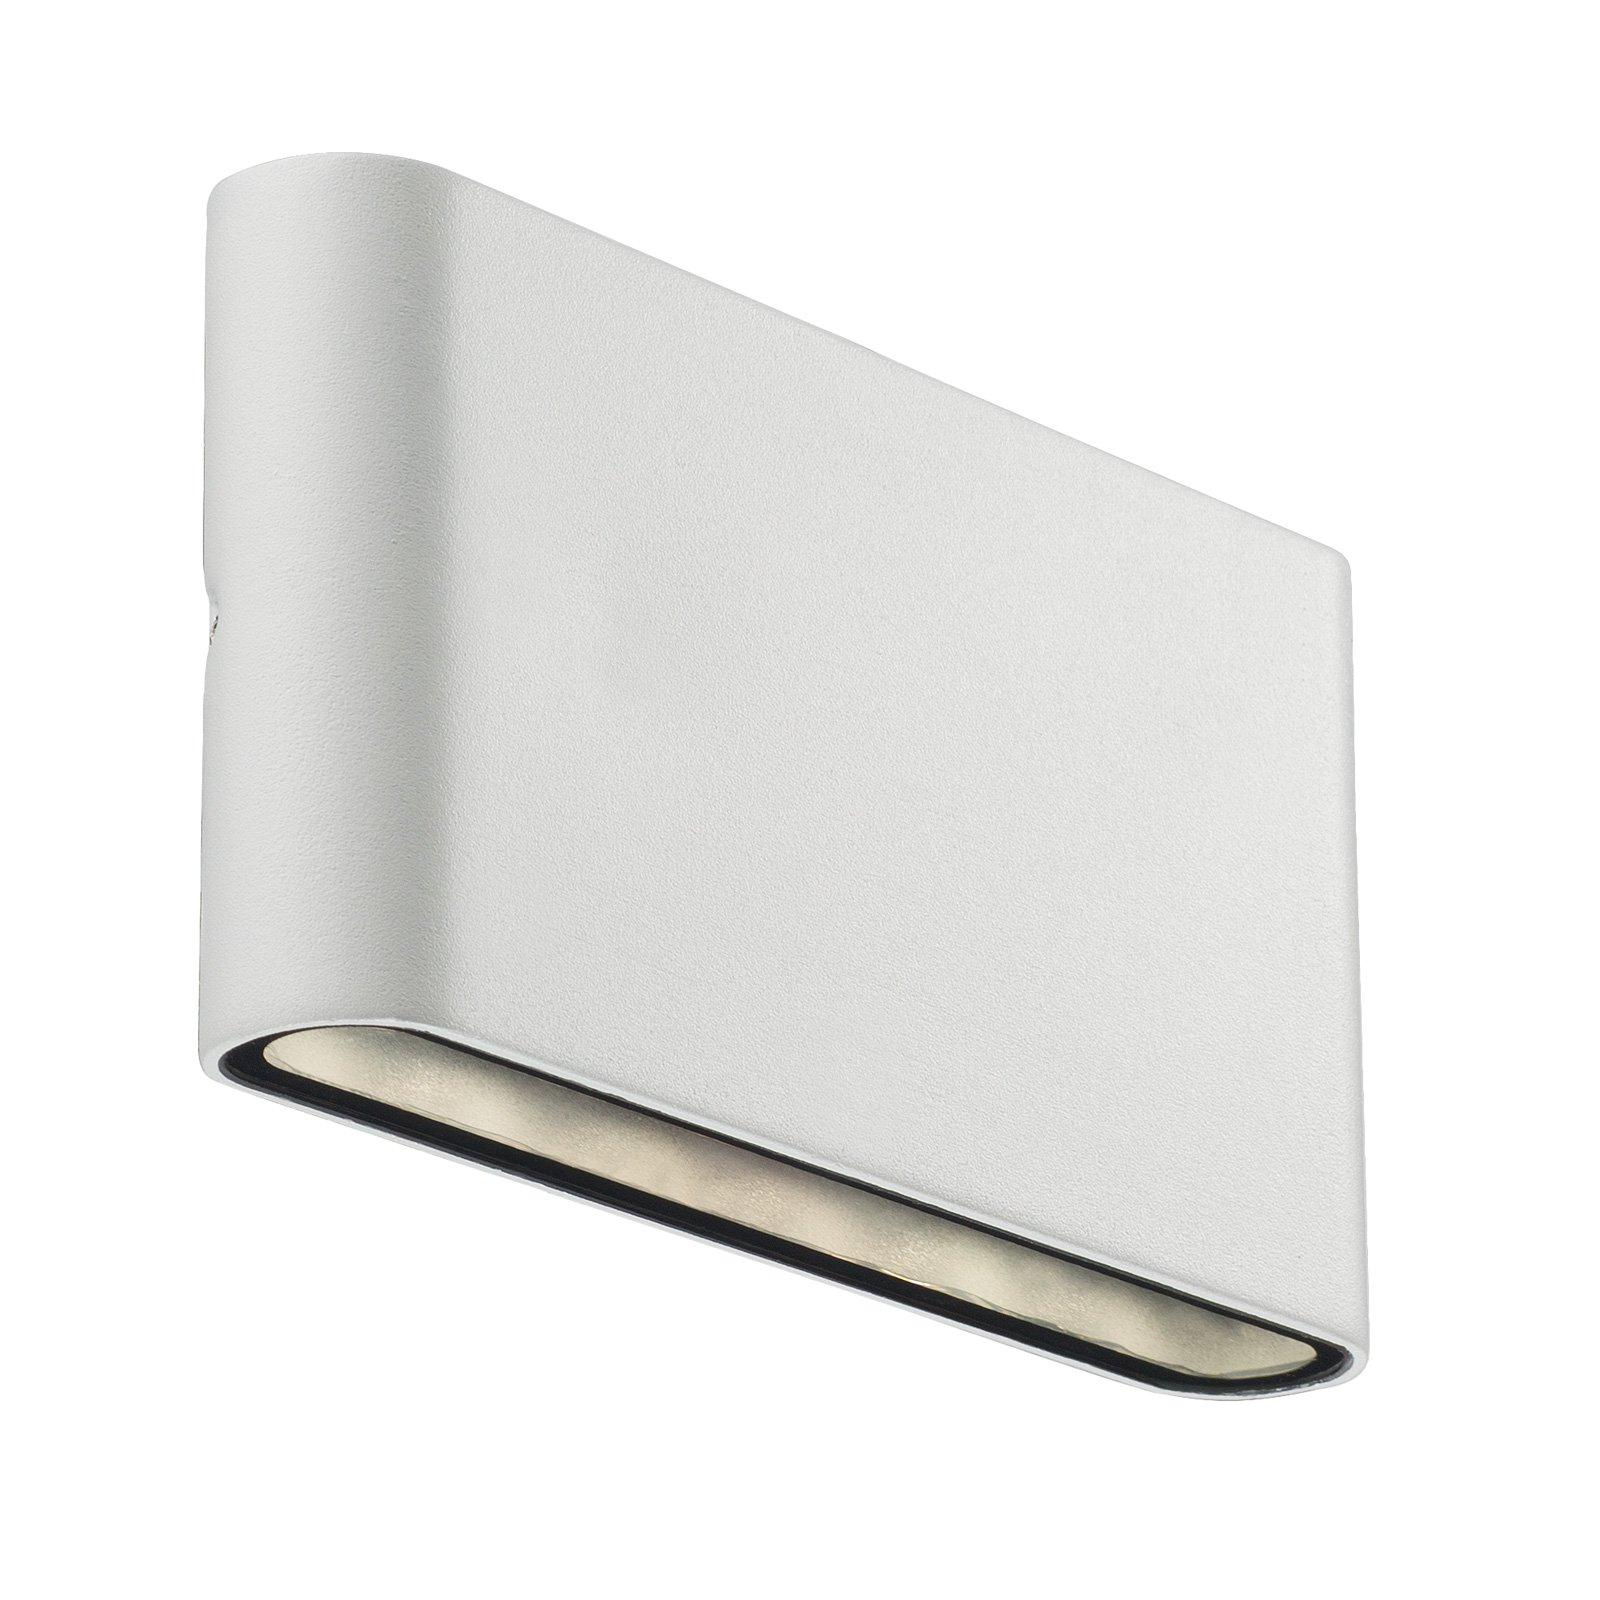 Utendørs LED-vegglampe Kinver i flat form, hvit